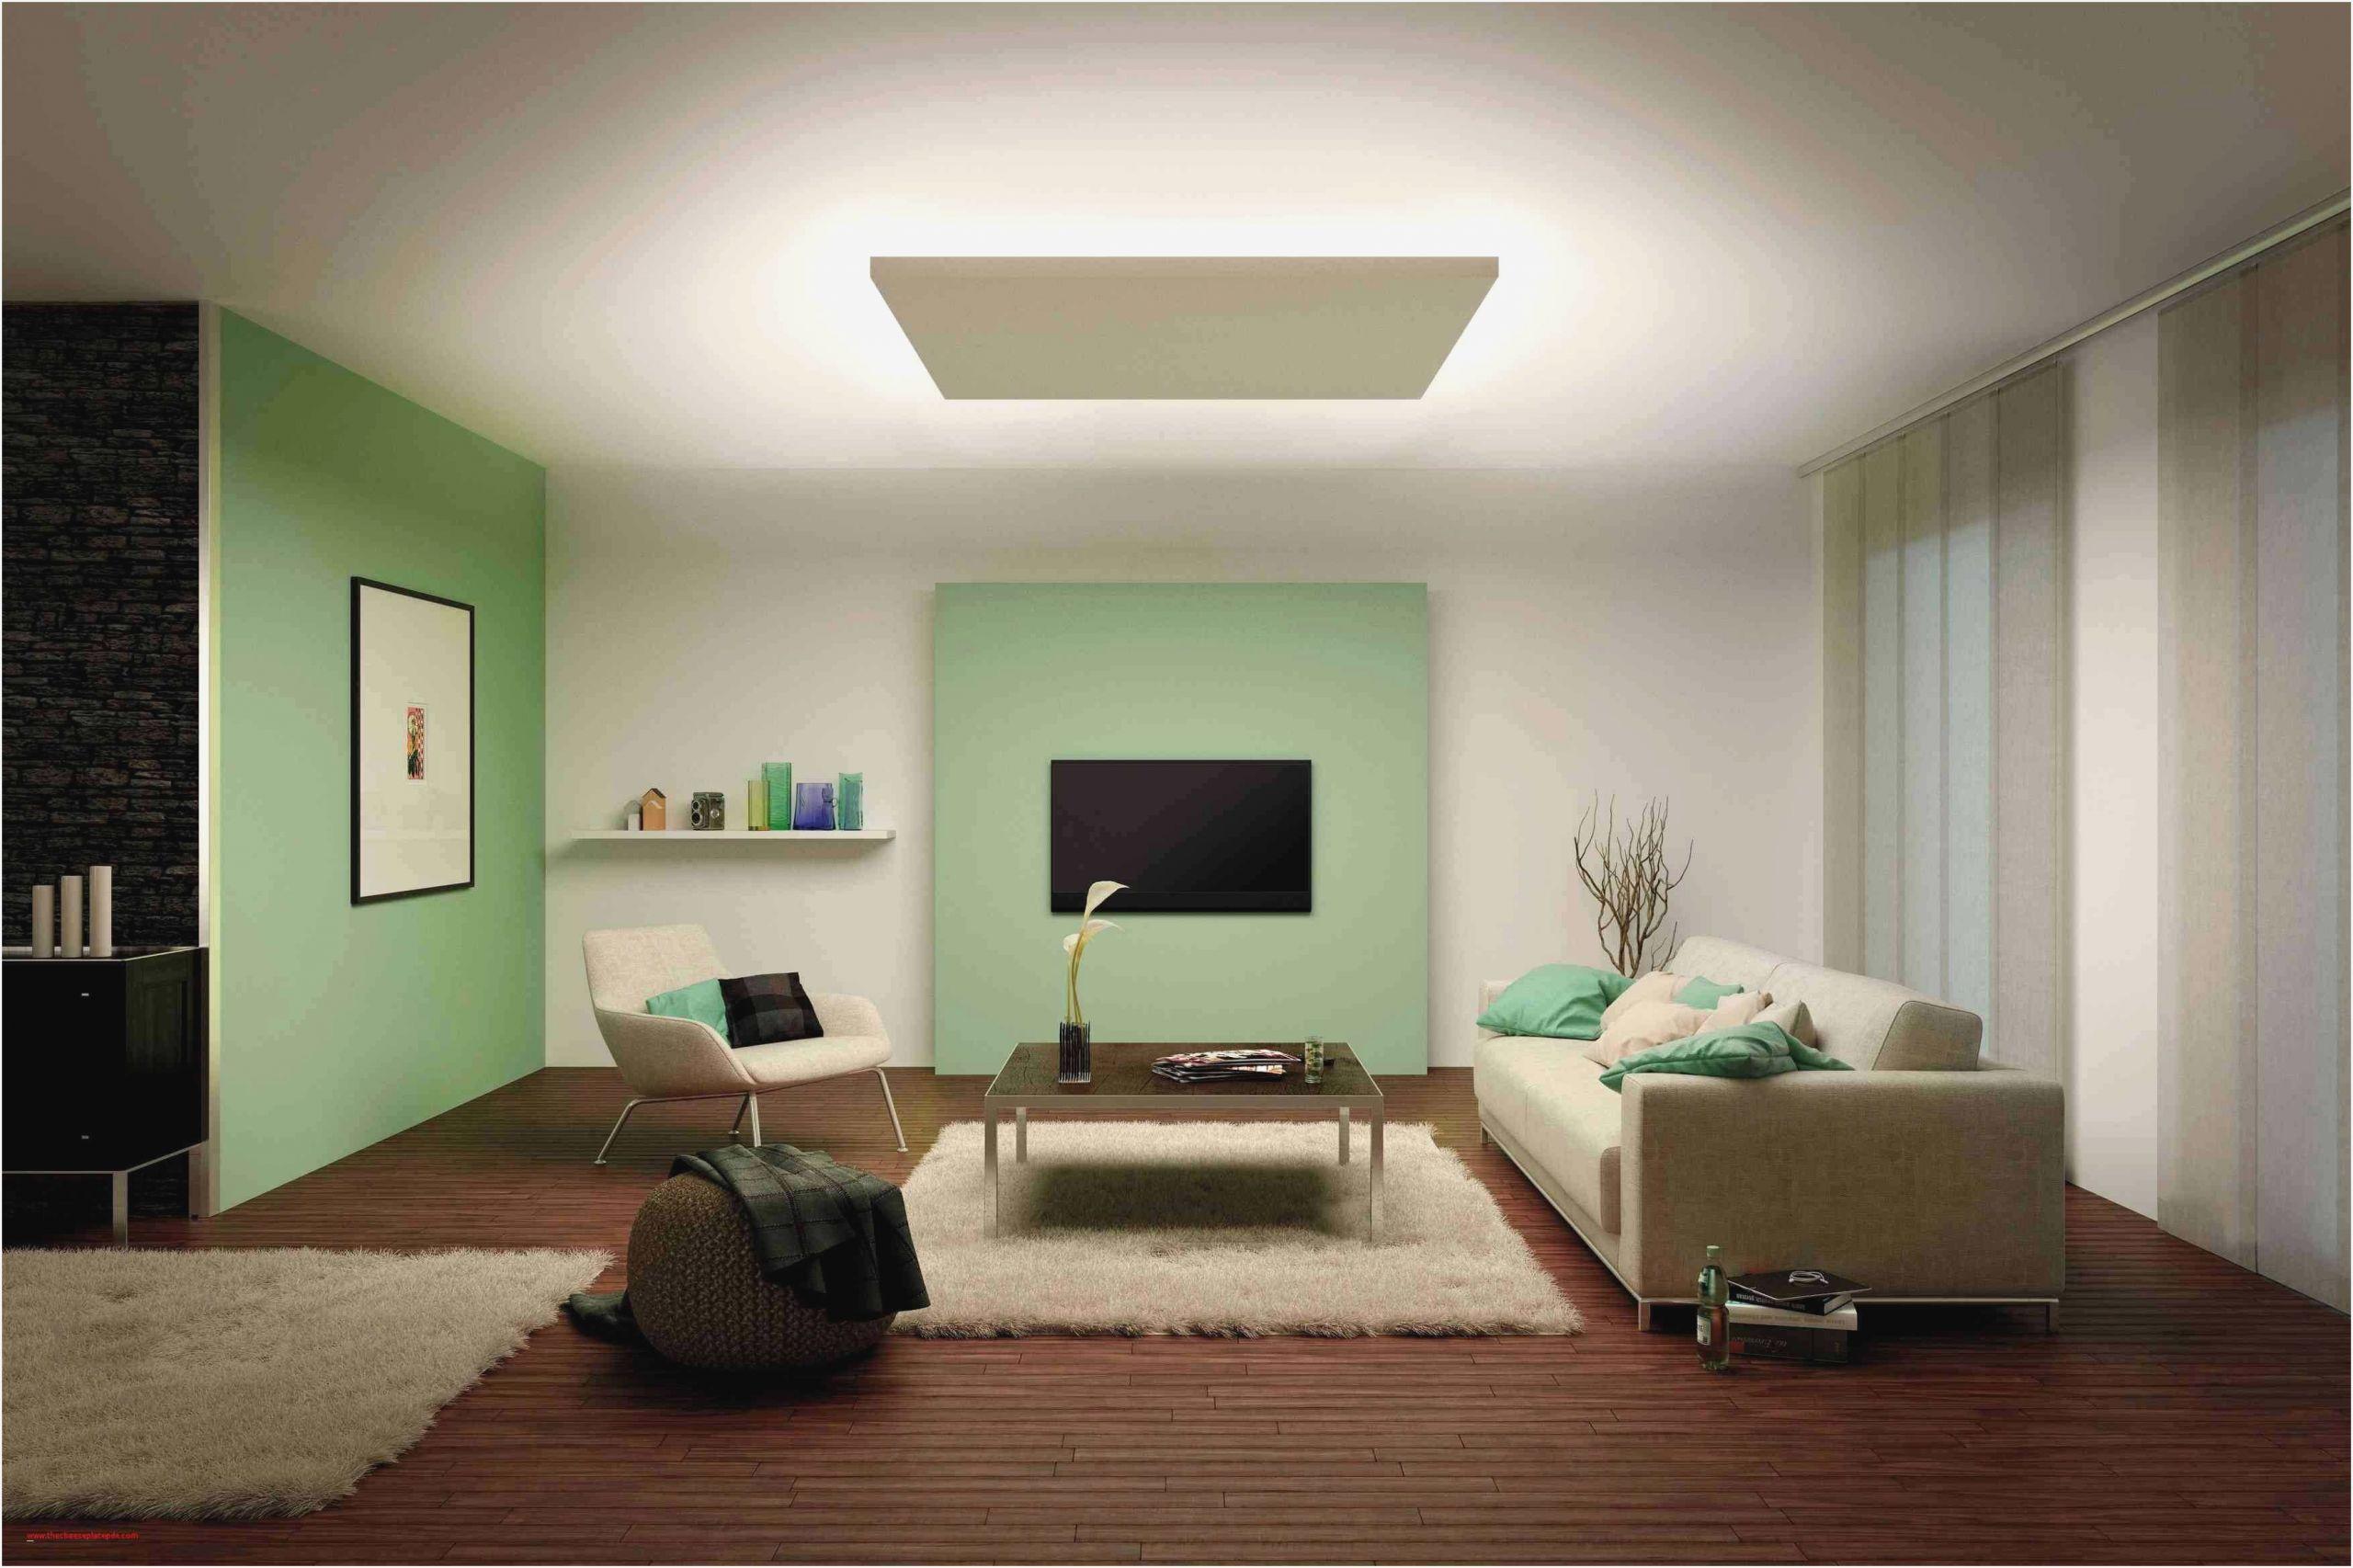 Full Size of Deckenlampen Ideen Deckenlampe Schlafzimmer Wohnzimmer Bad Renovieren Modern Für Tapeten Wohnzimmer Deckenlampen Ideen